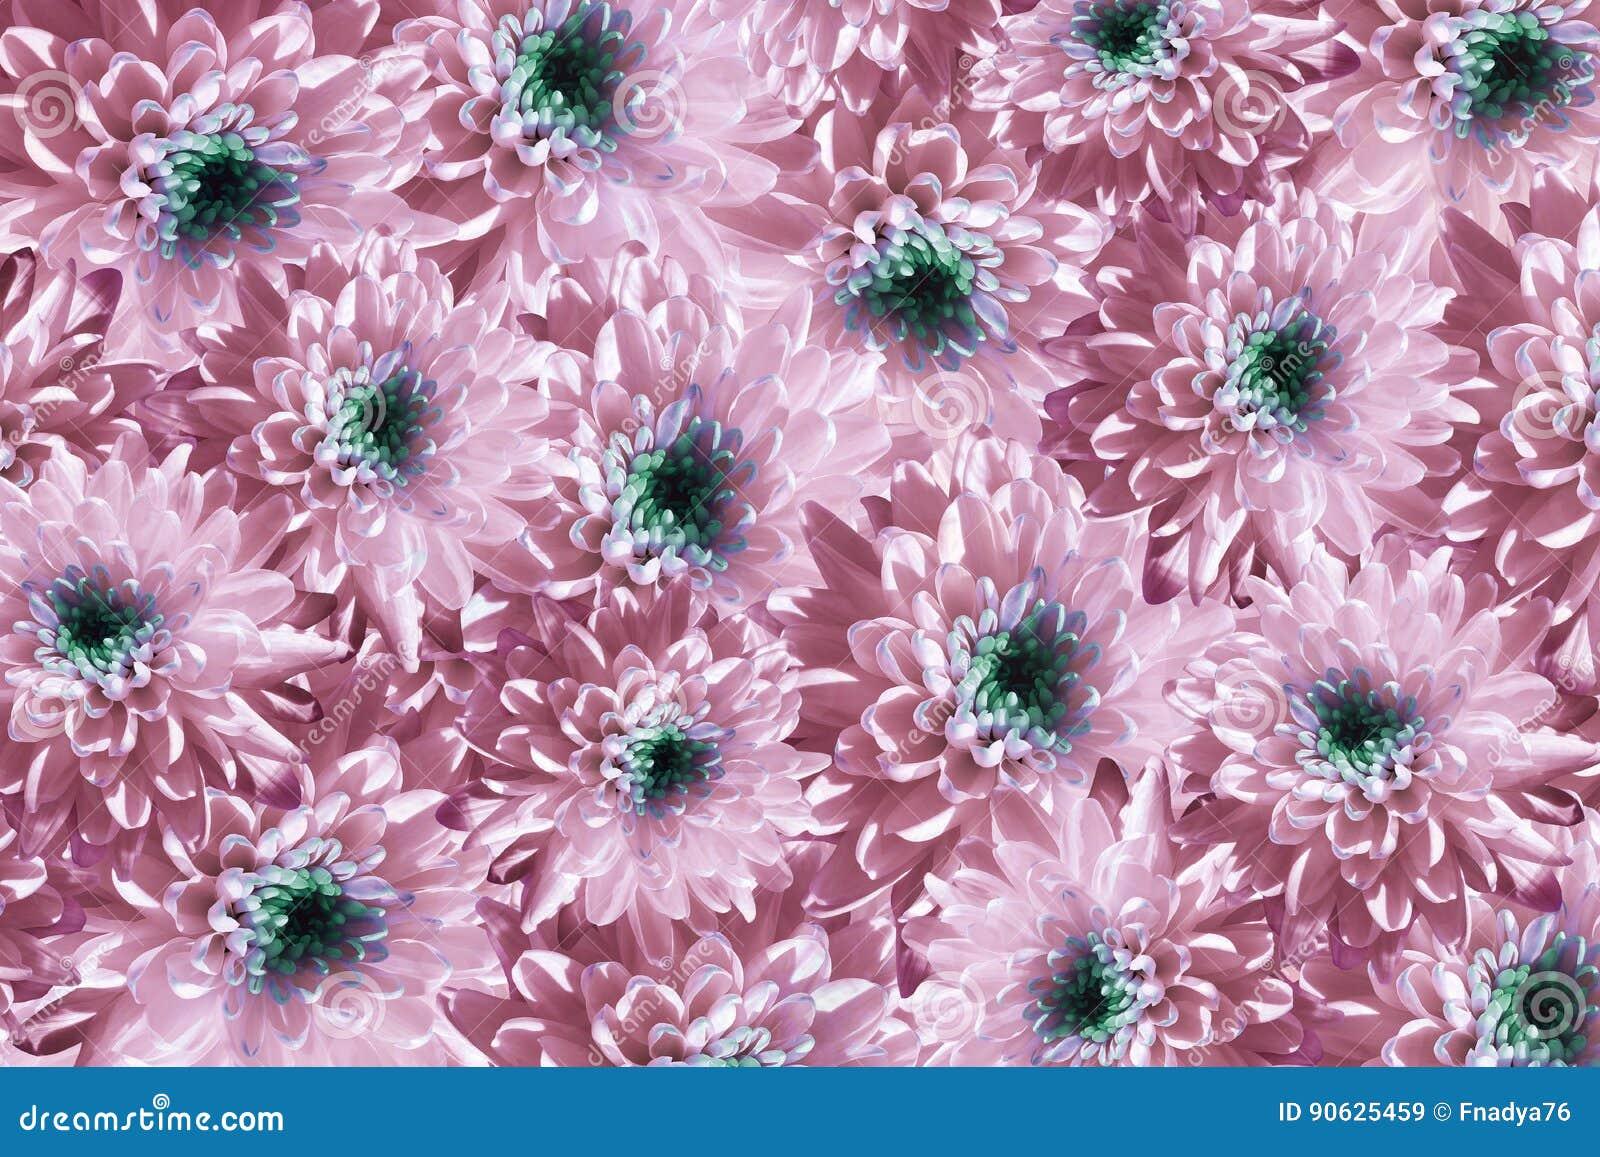 de banner van bloemen background bloemen wit-roze chrysanten veel